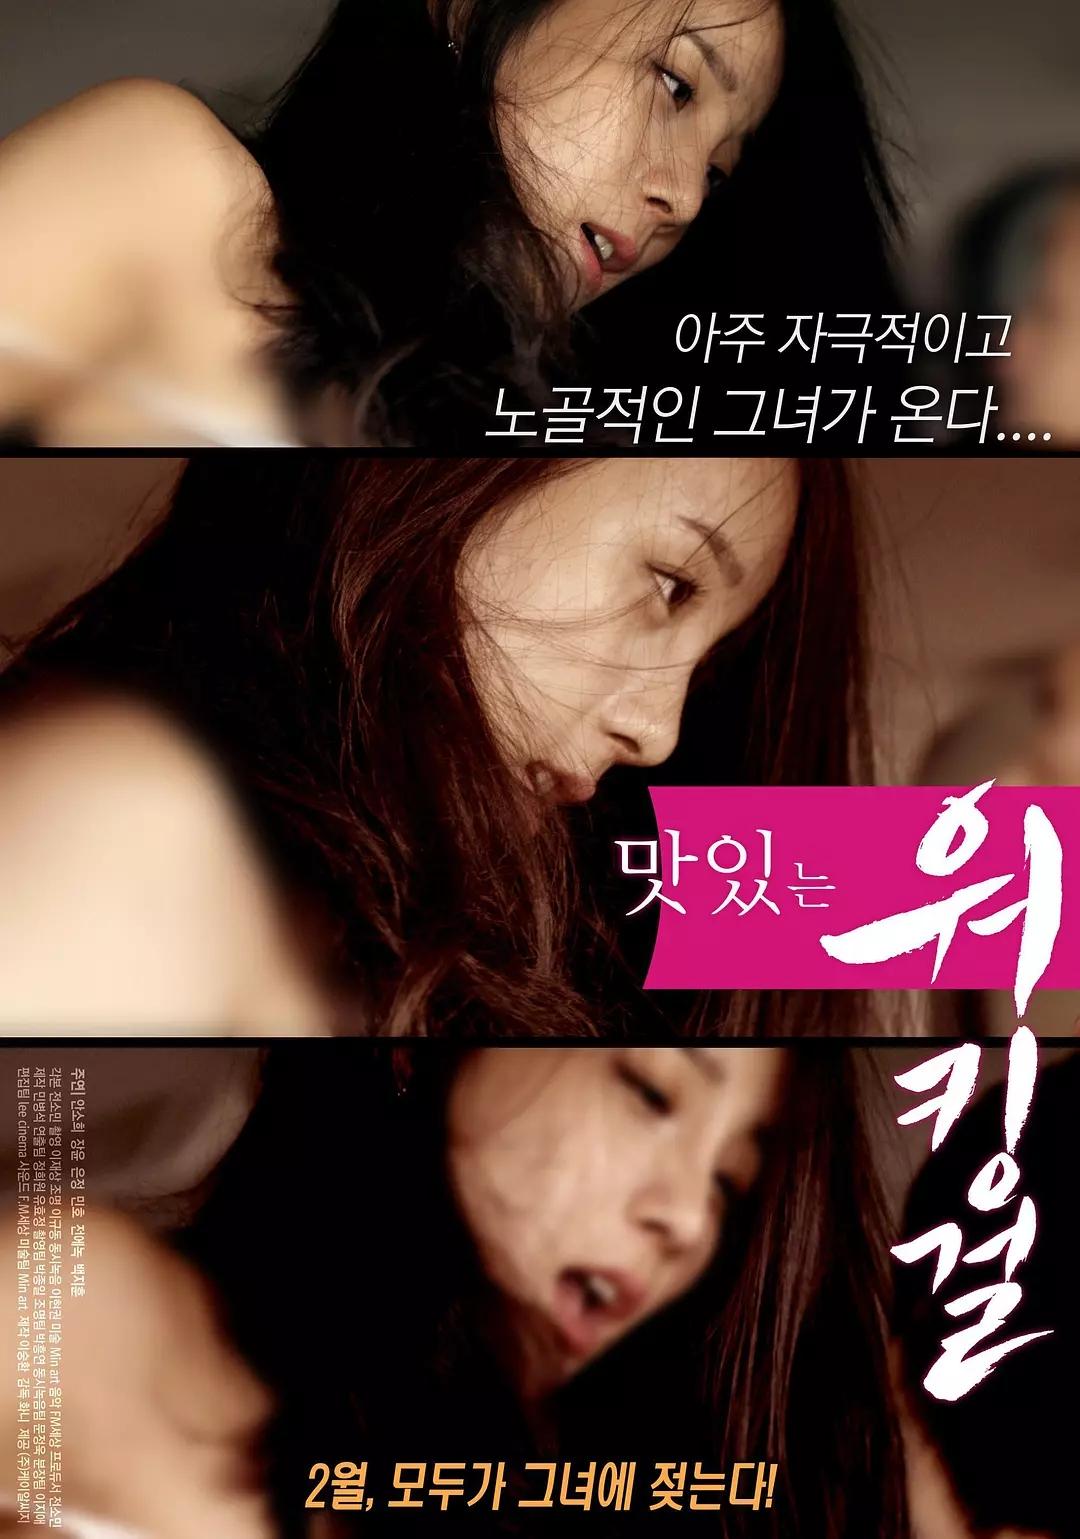 美味的工作 2017.韩国电影HD720P 迅雷下载